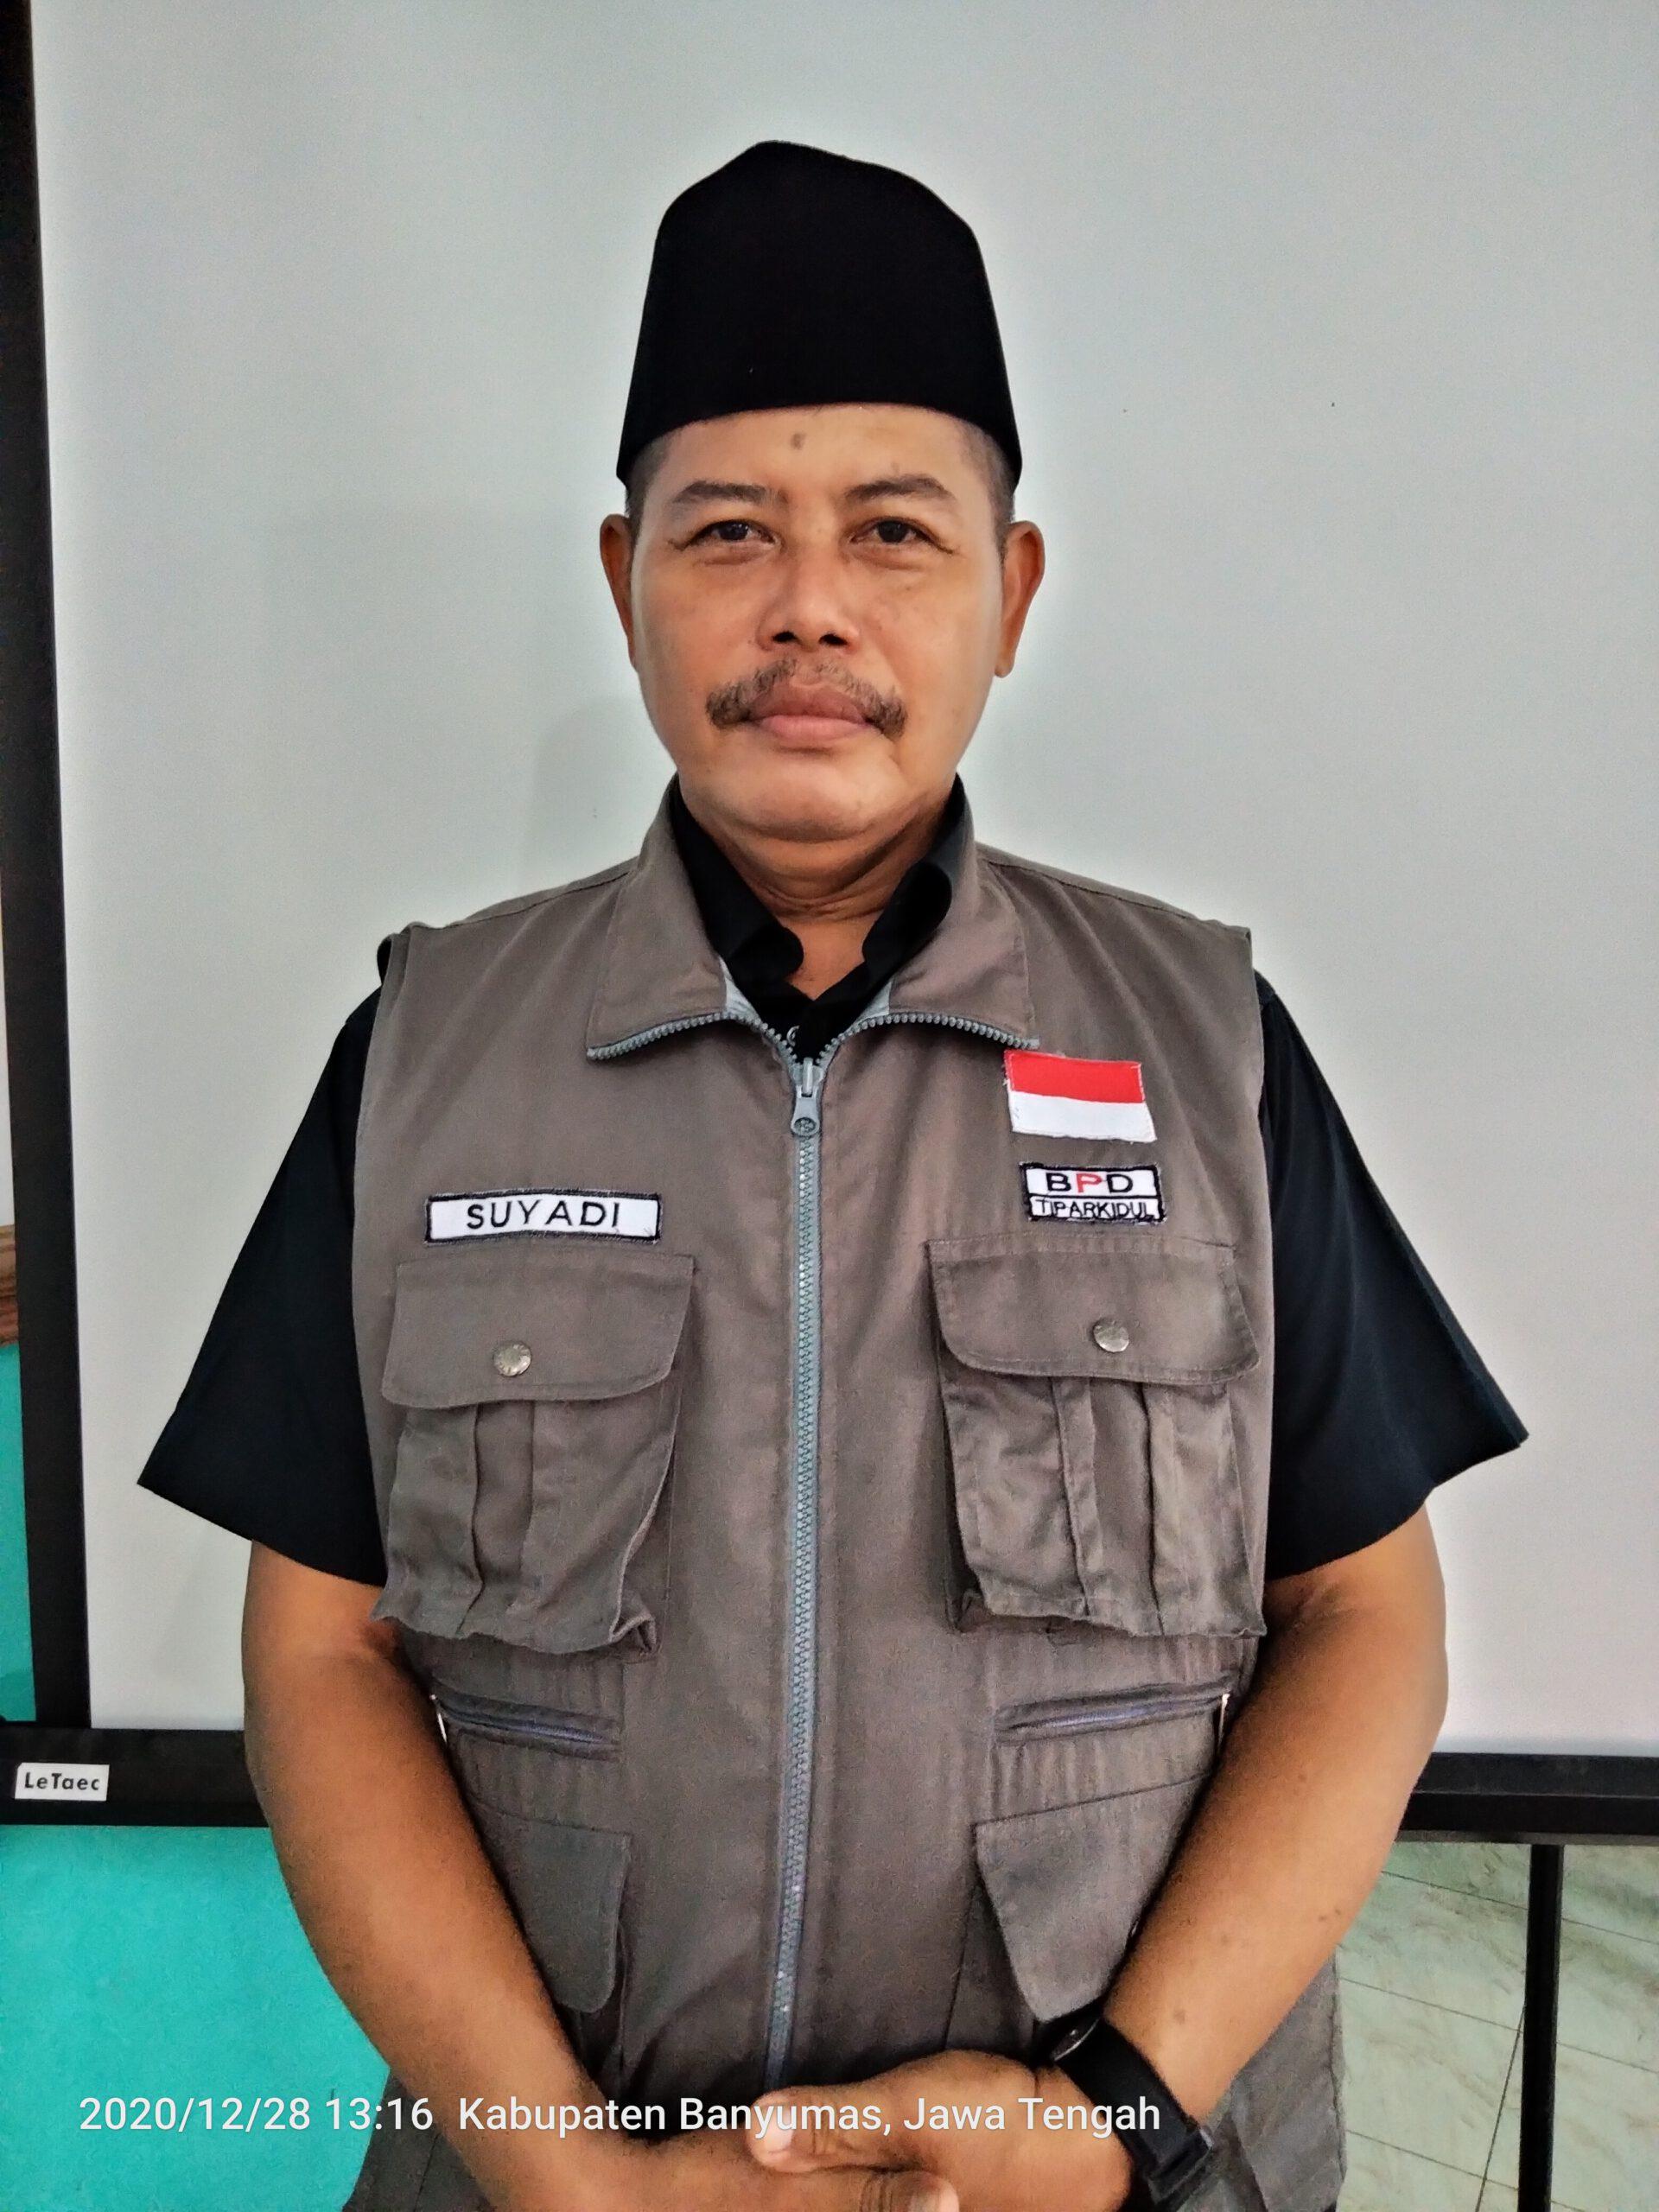 SUYADI